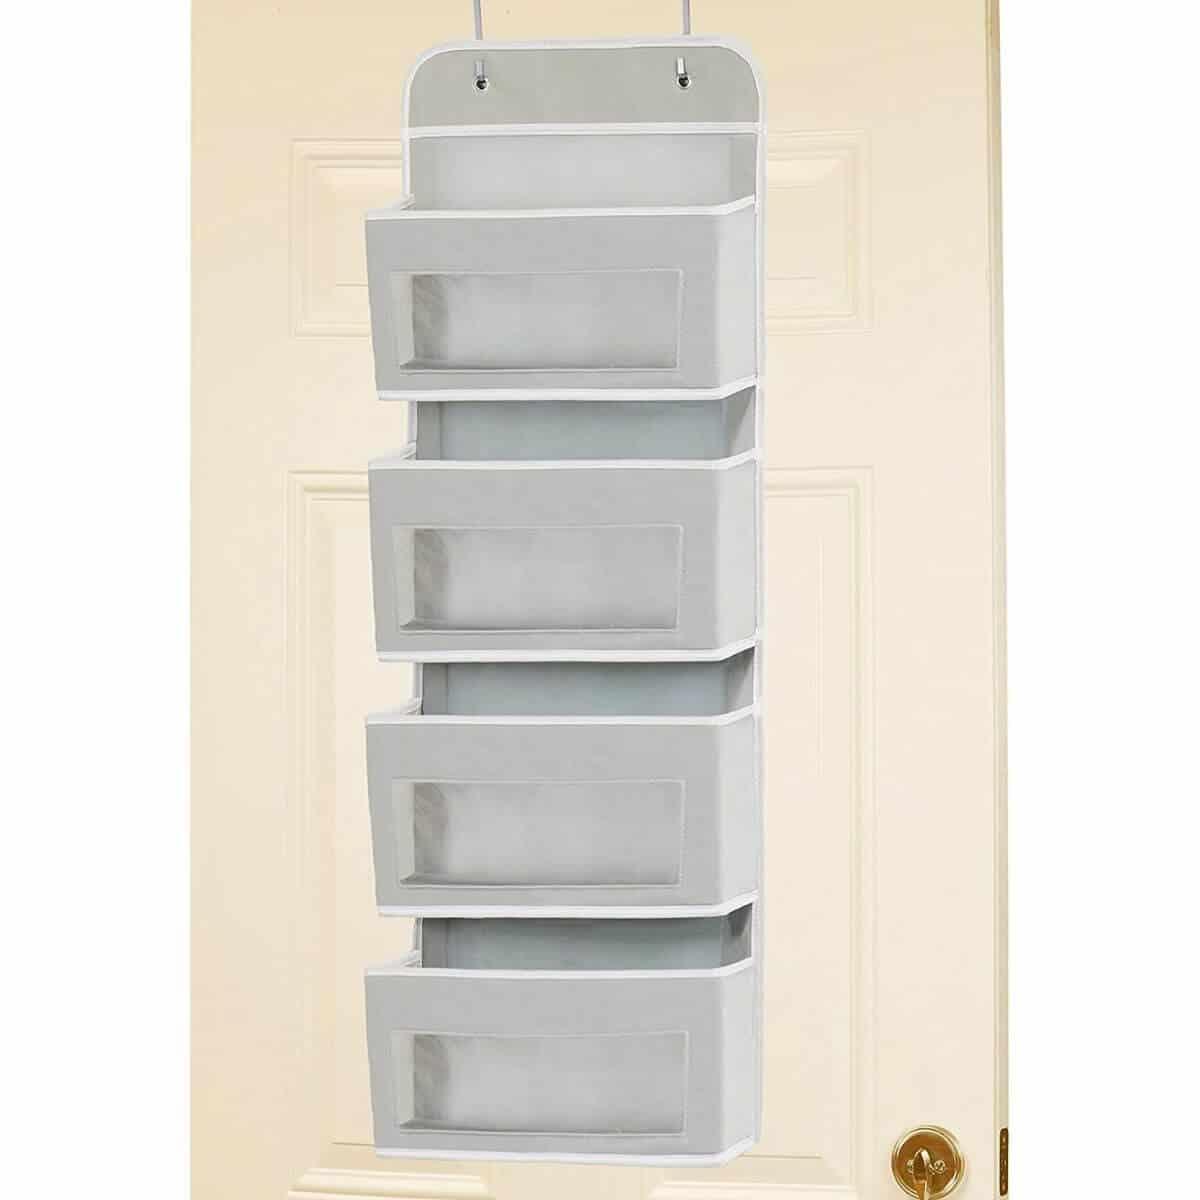 Grey over-the-door storage rack.